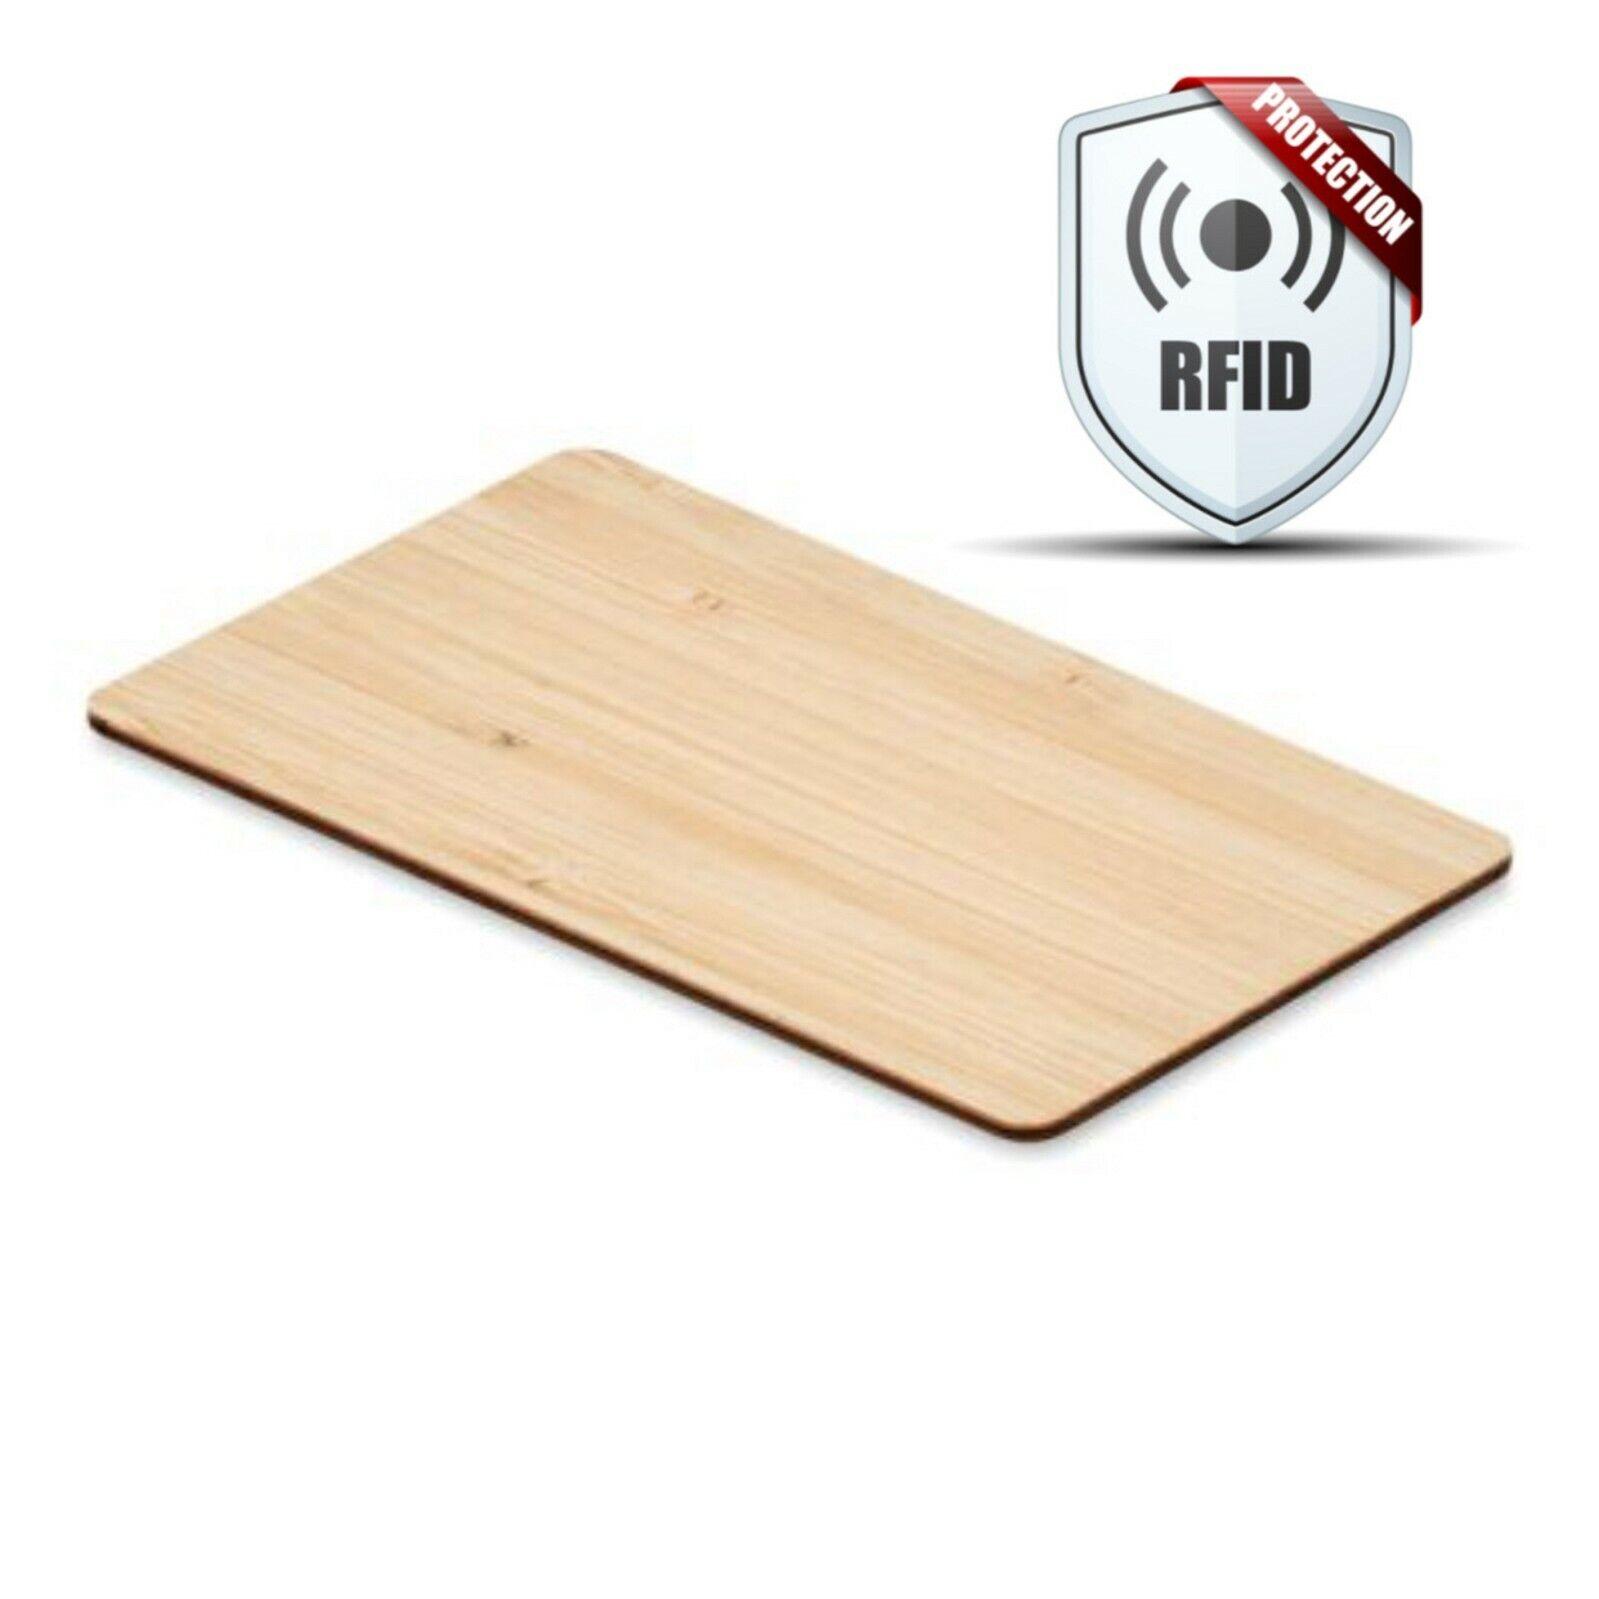 BAMBUS RFID BLOCKER KARTE   Sperrkarte   RFID Schutz   13,56 mHz